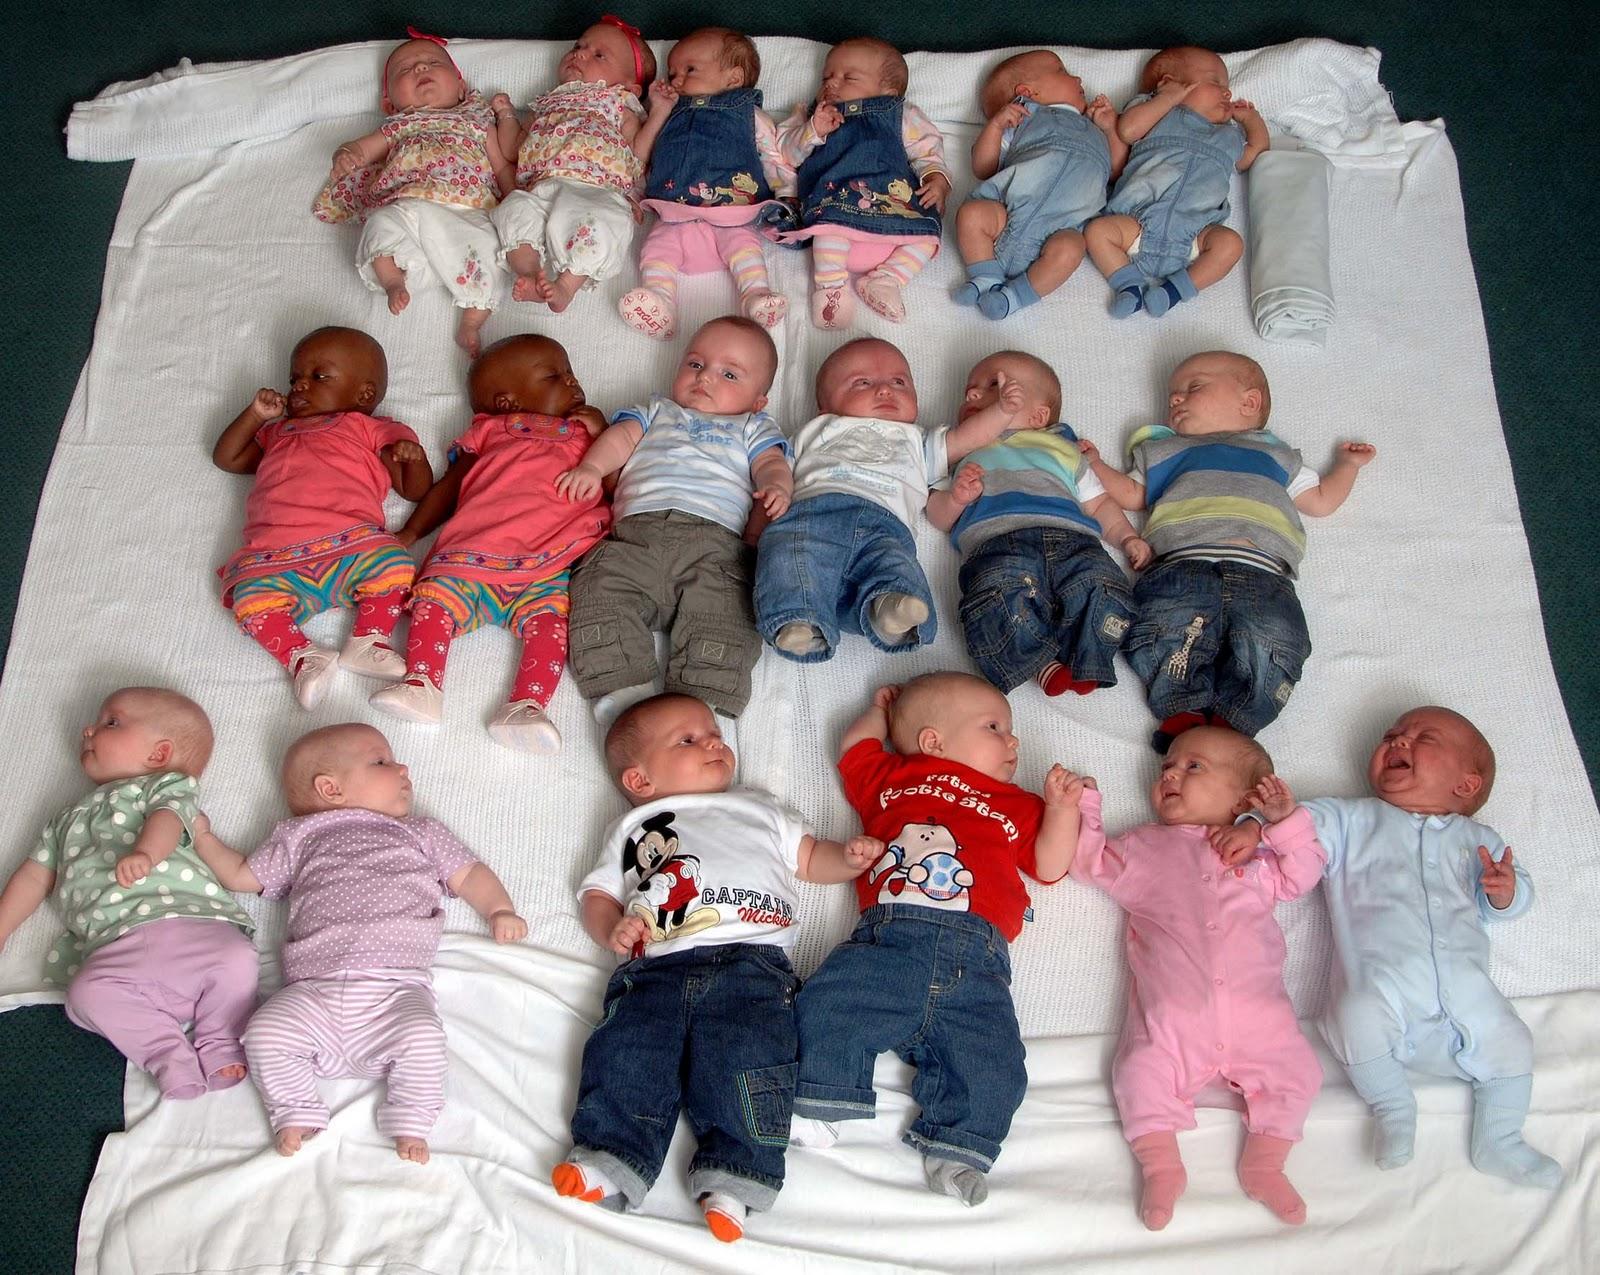 http://4.bp.blogspot.com/_Cgu1cdJD5ng/TMDzuqy5niI/AAAAAAAAAbY/Al--Wd5aXWI/s1600/Twin-Babies_on_mat.jpg